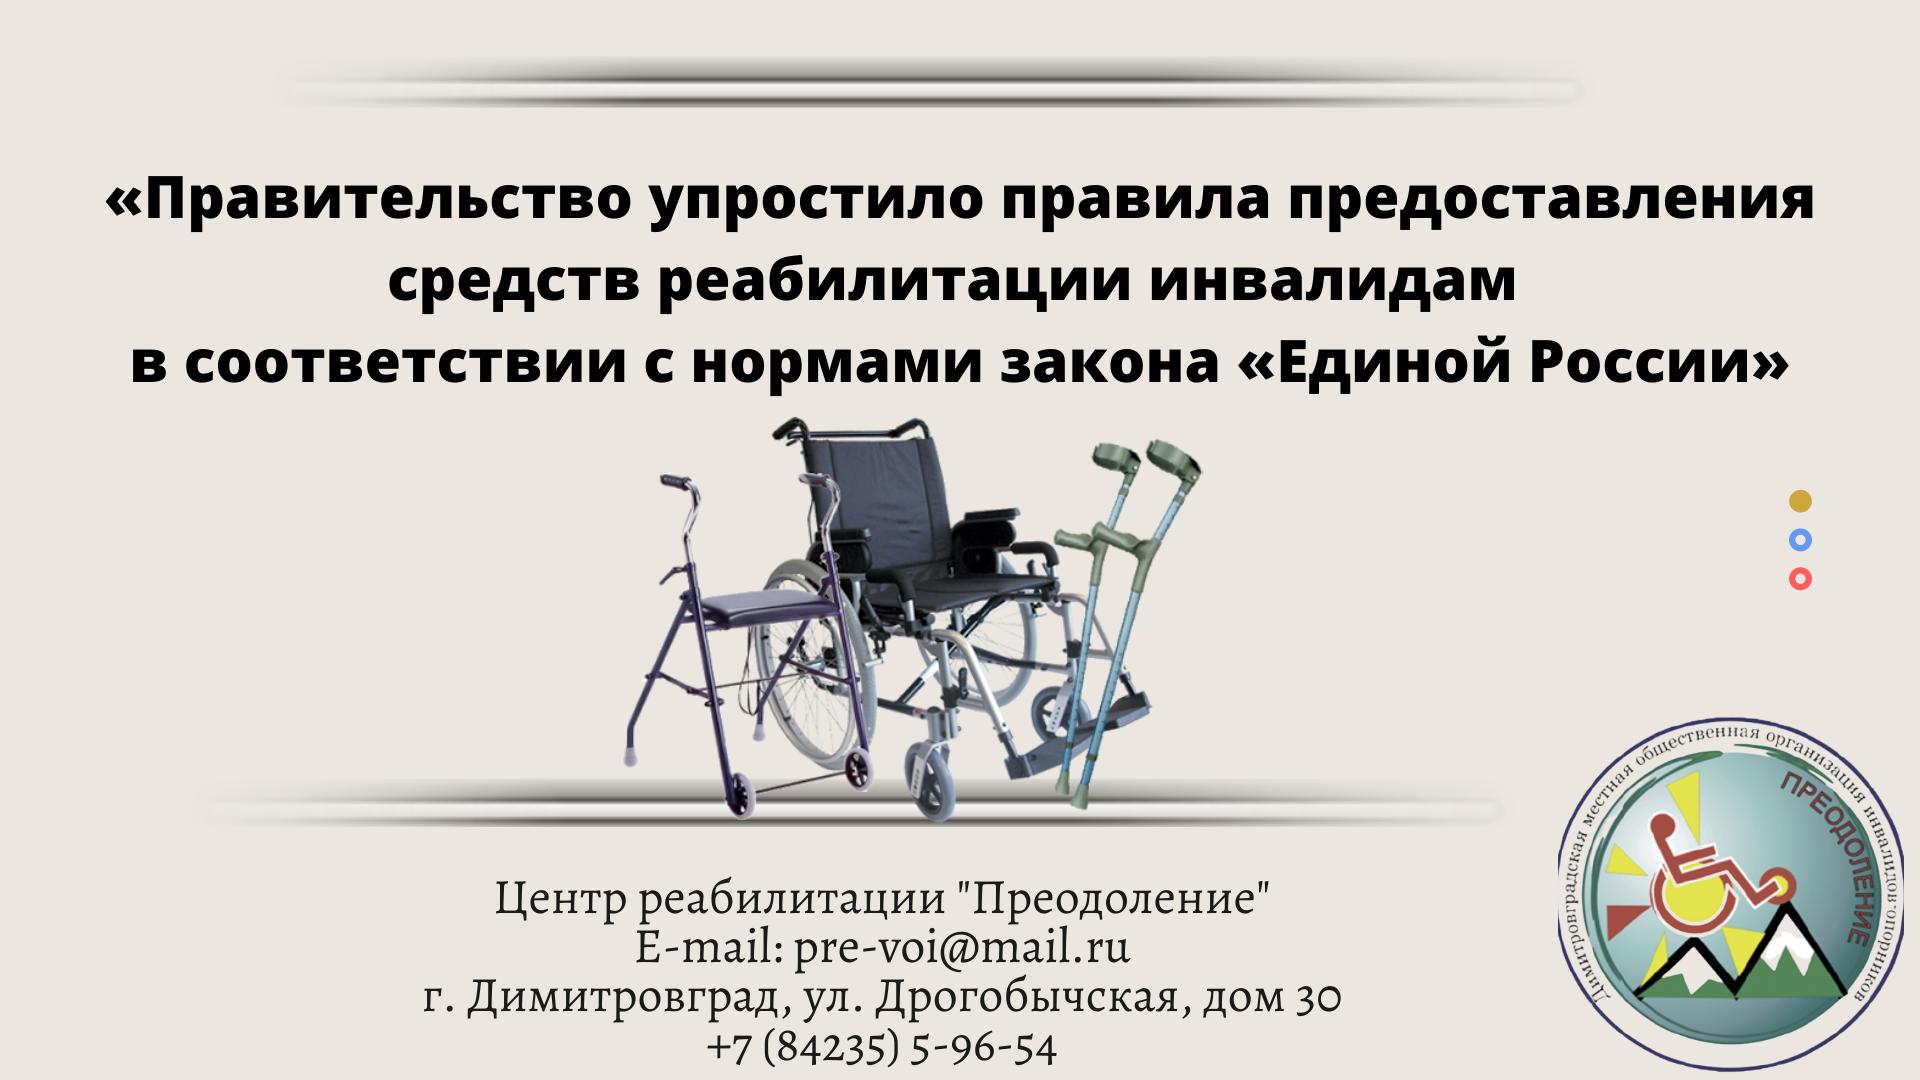 «Правительство упростило правила предоставления средств реабилитации инвалидам в соответствии с нормами закона «Единой России»